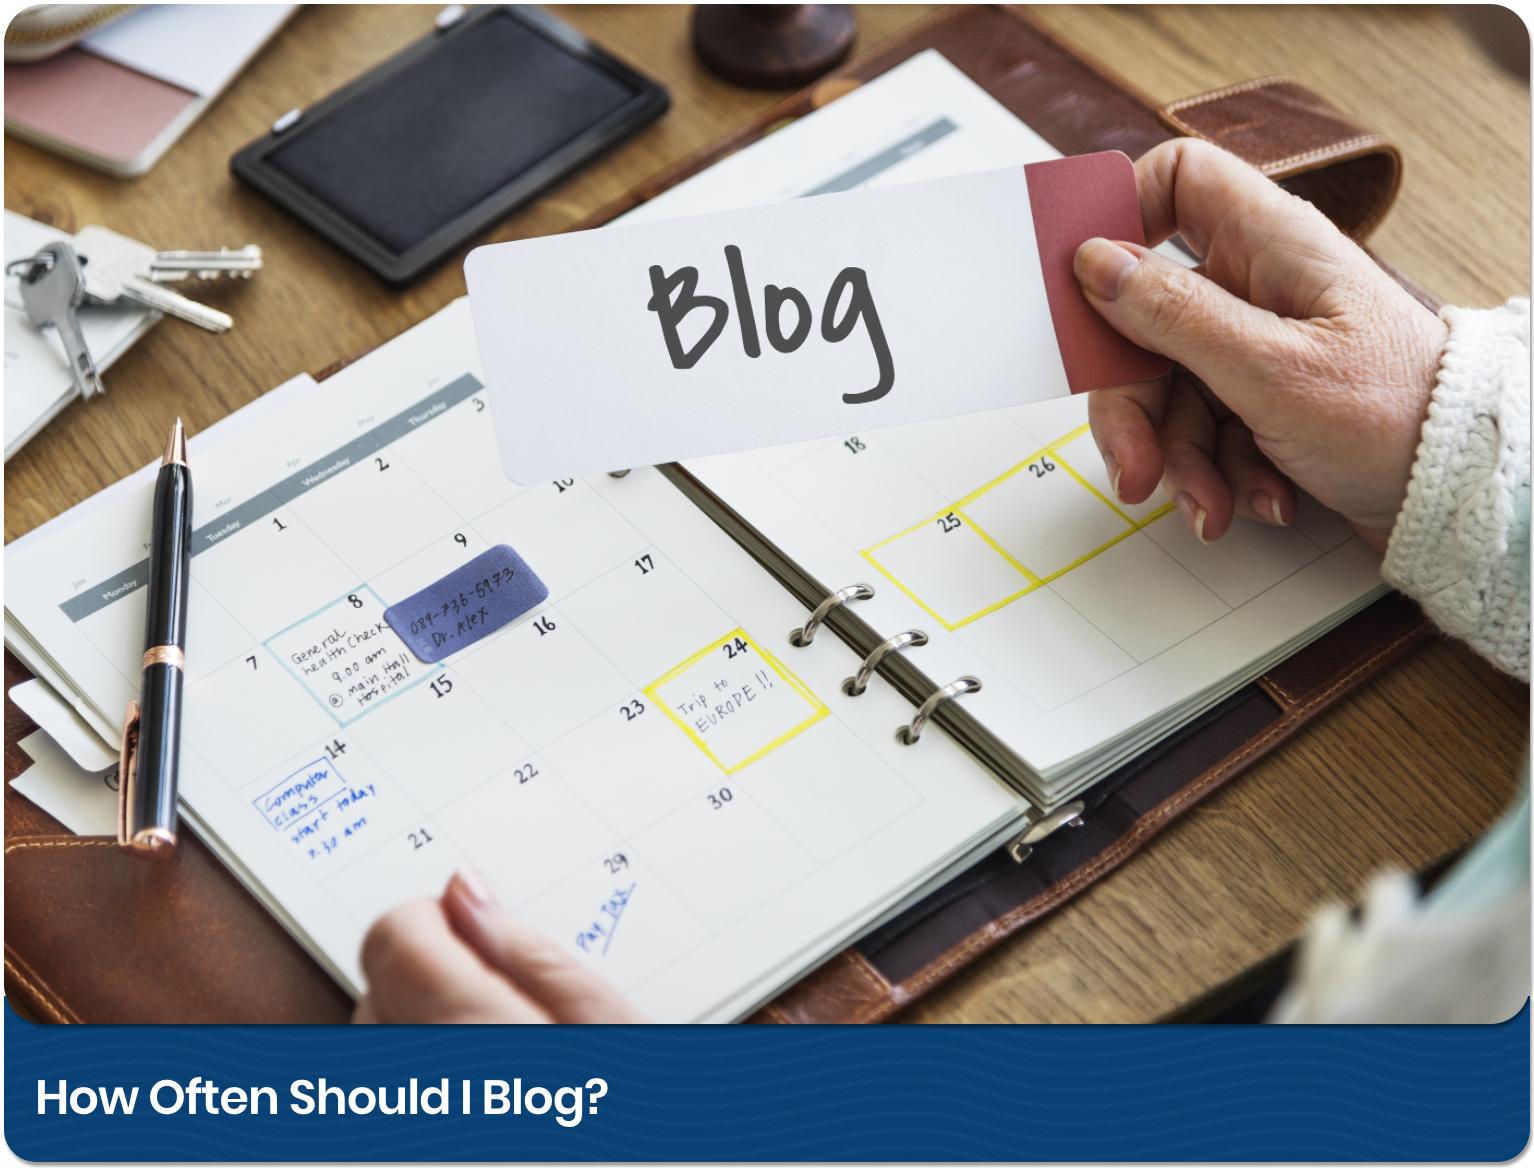 How_Often_Should_I_Blog_Link